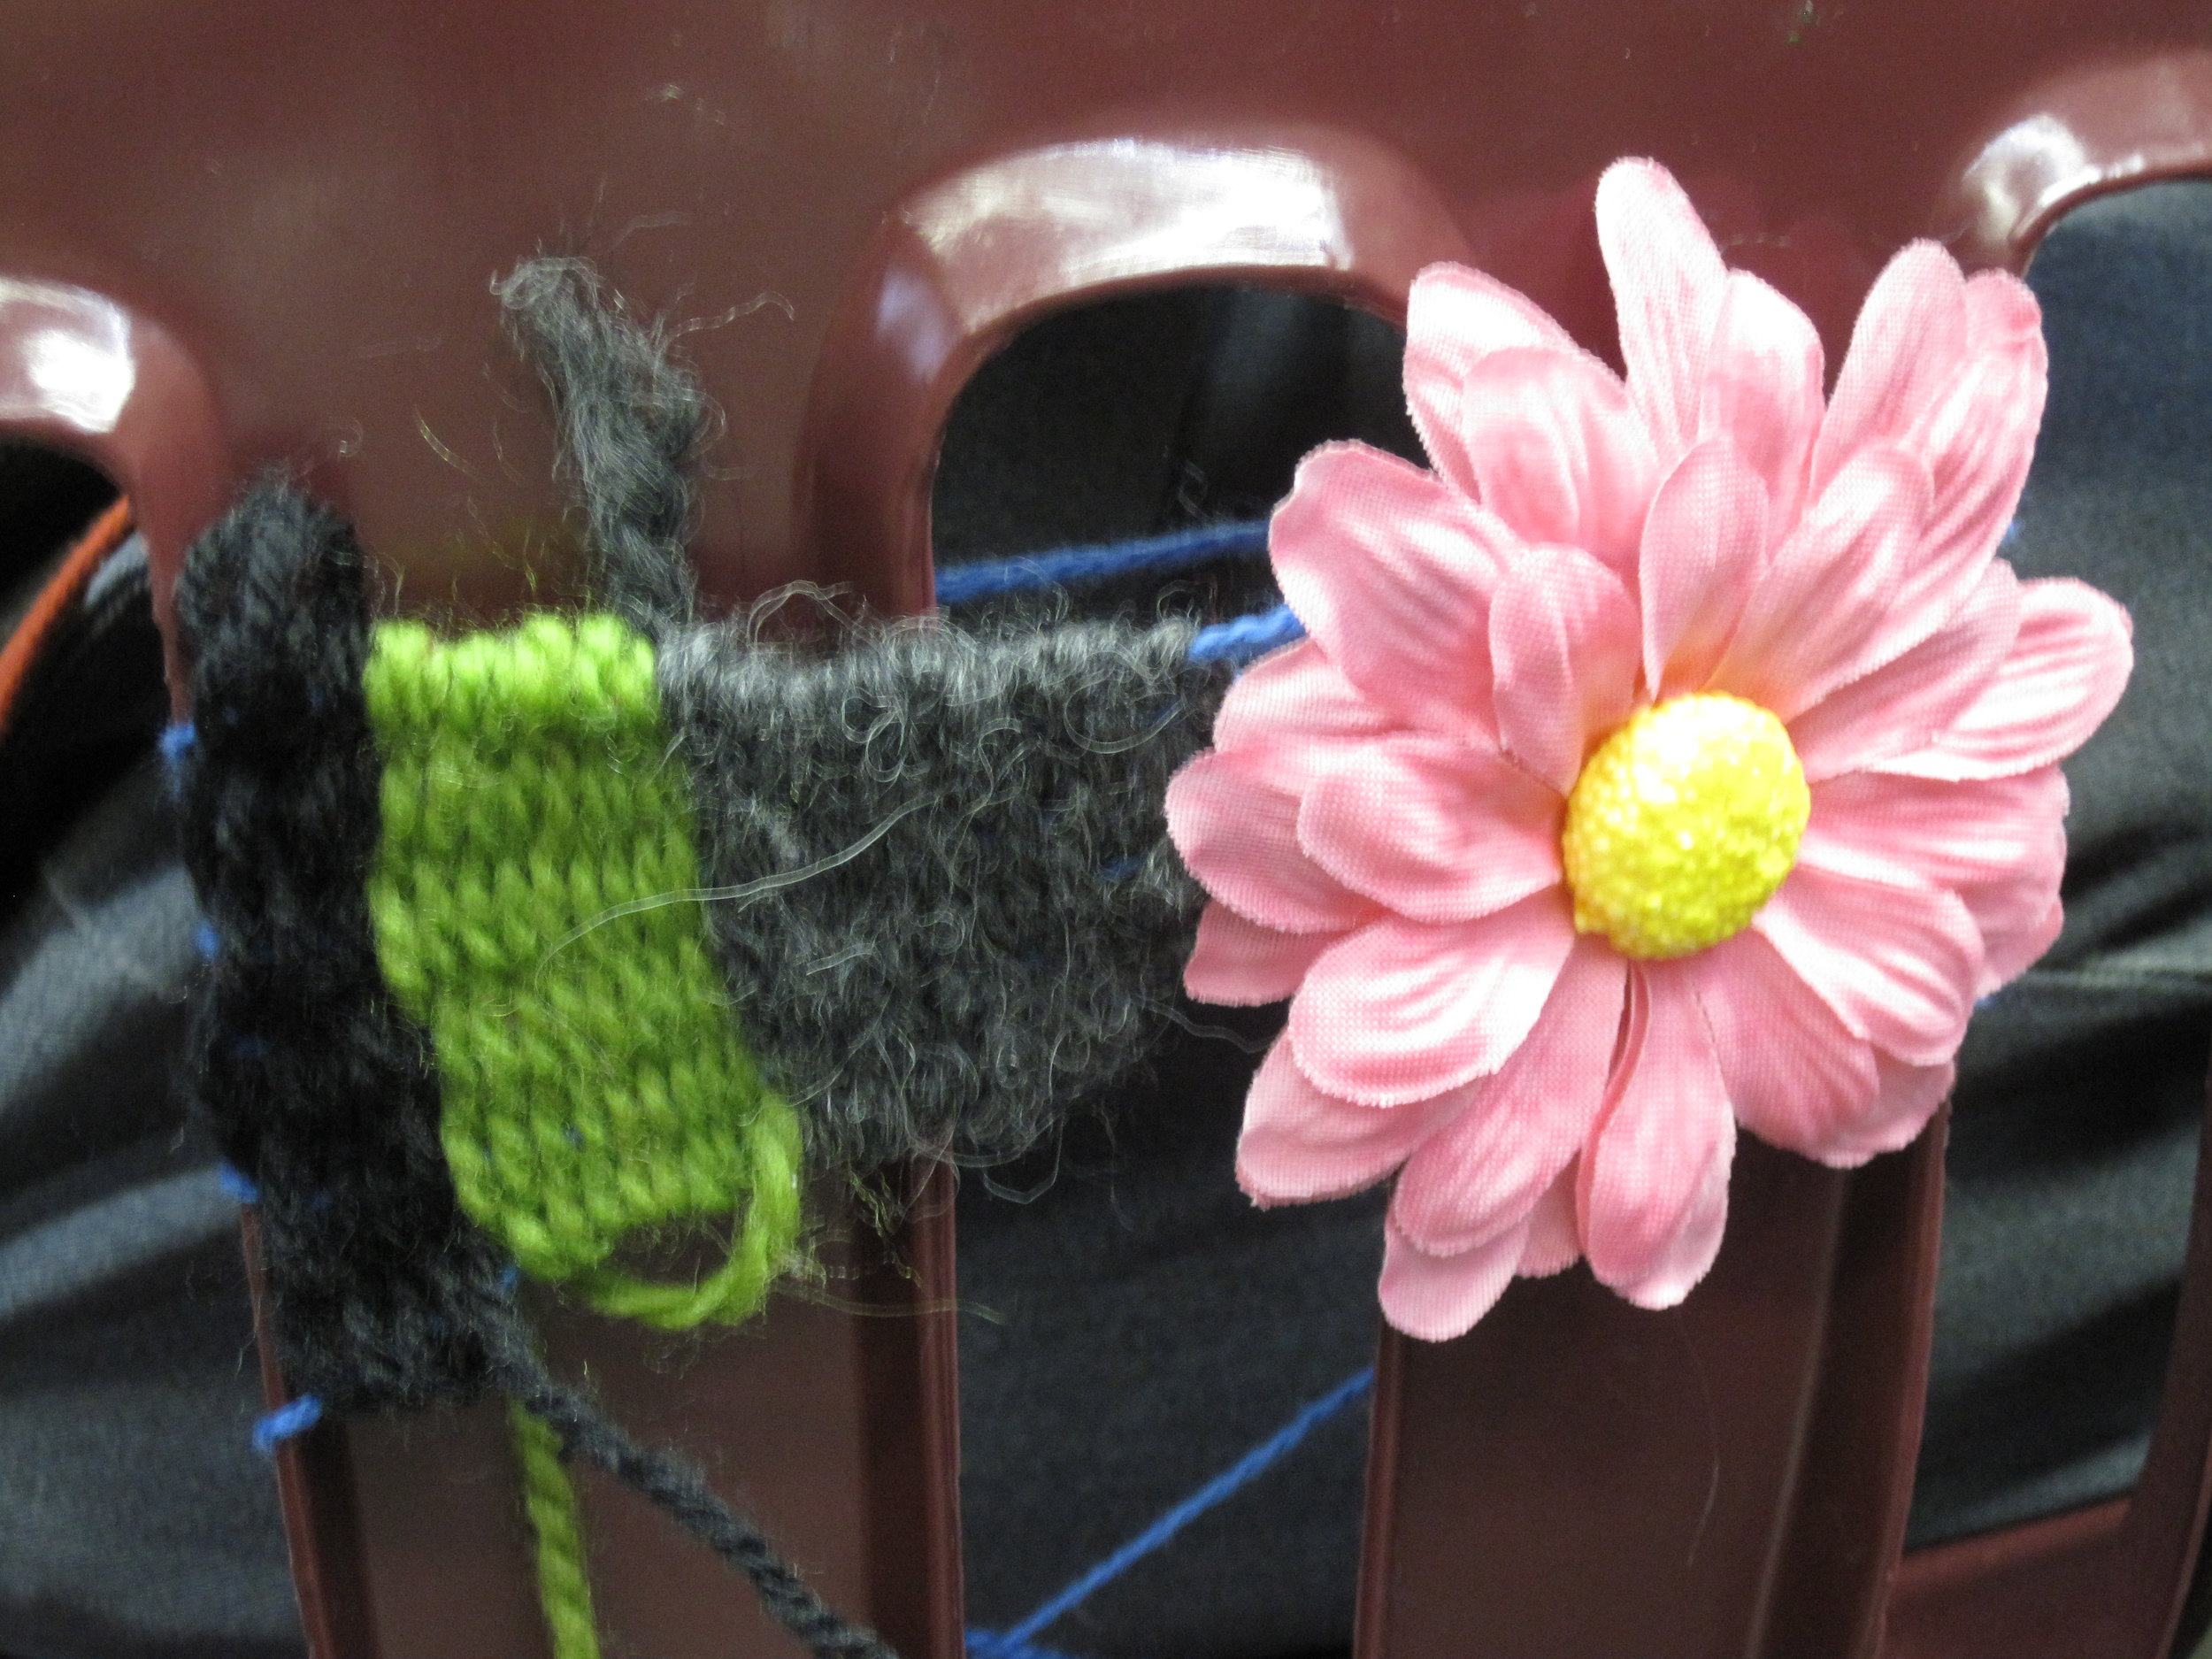 knittingmarathon10_4315178876_o.jpg